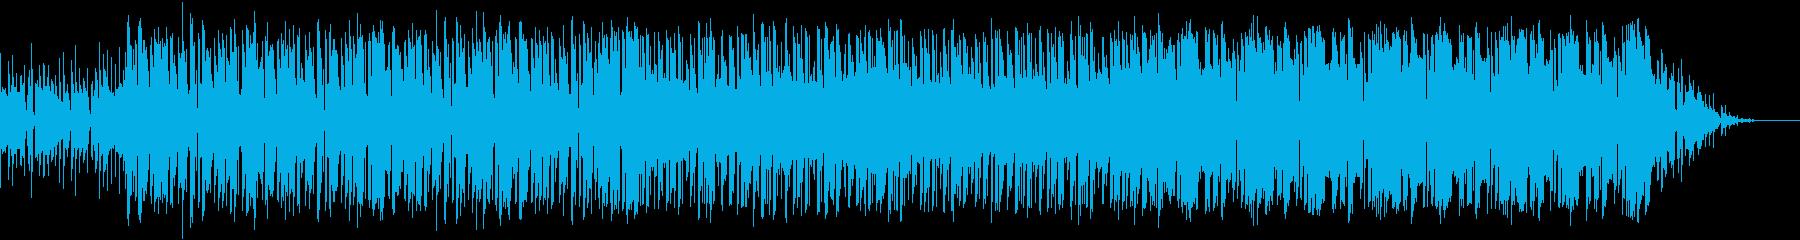 パズルやシューティング向きの曲の再生済みの波形